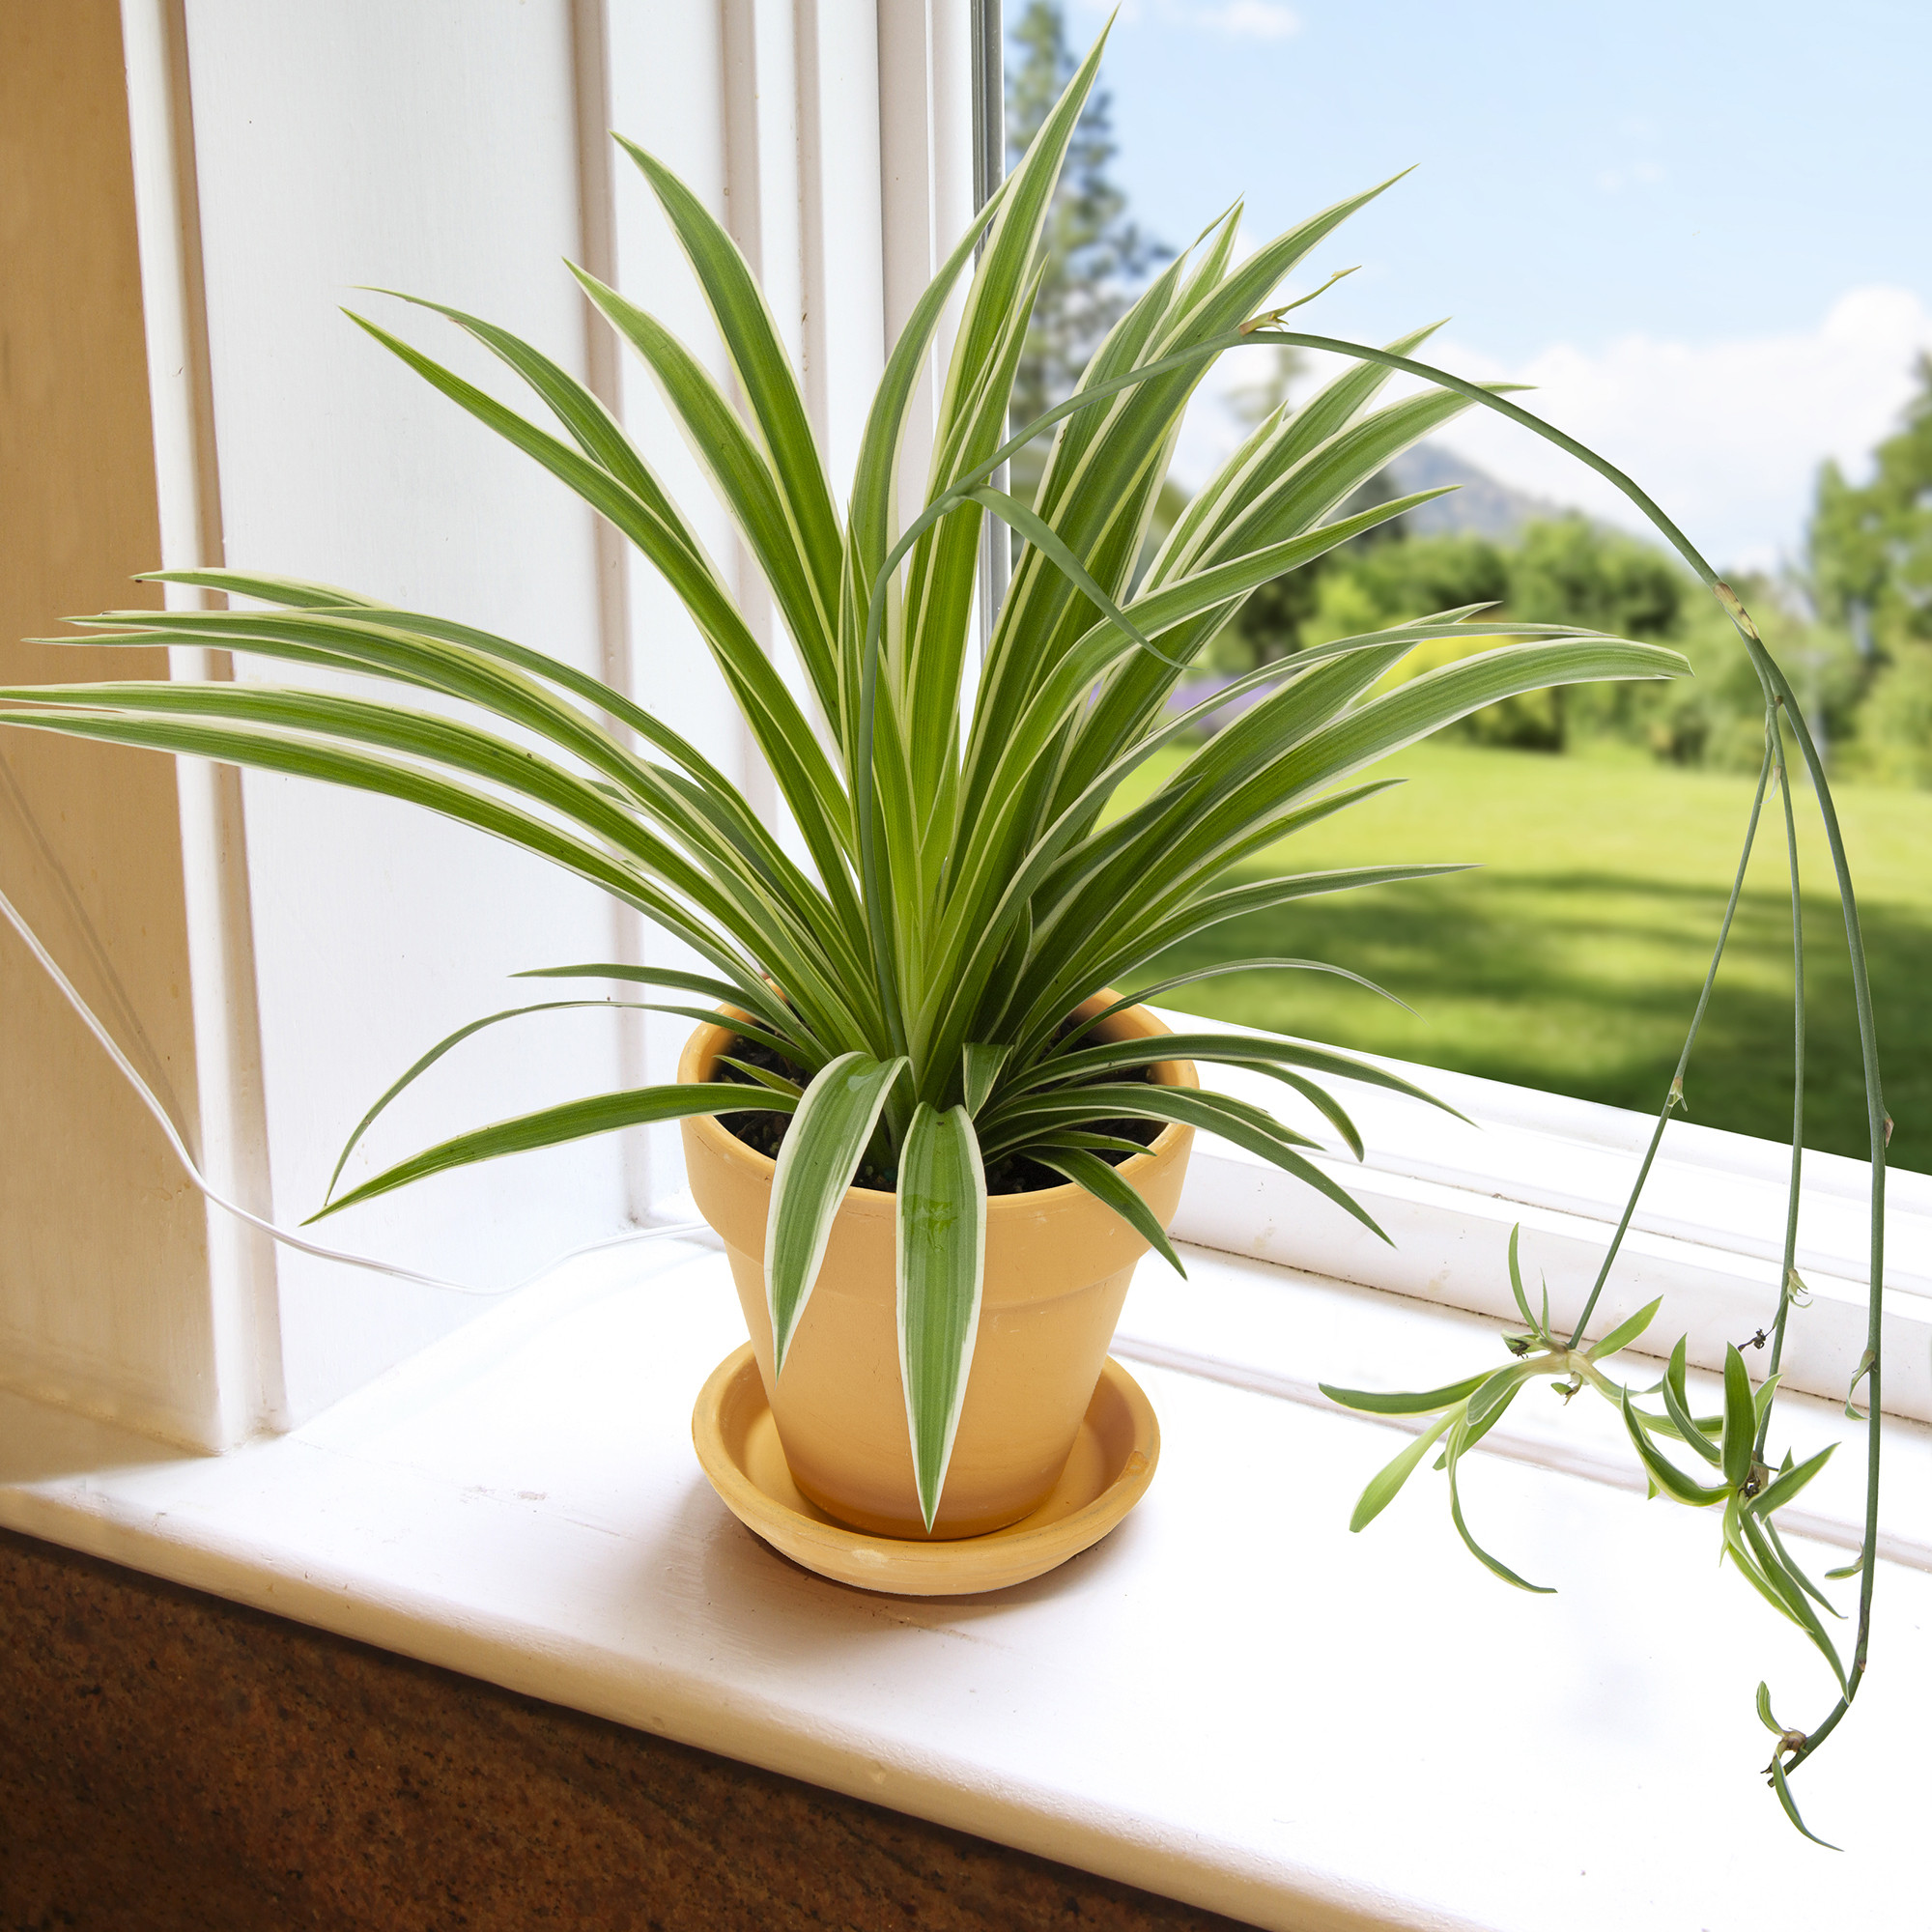 Tập hợp những loại cây trồng trong nhà được NASA gợi ý để cải thiện sức khỏe - Ảnh 2.